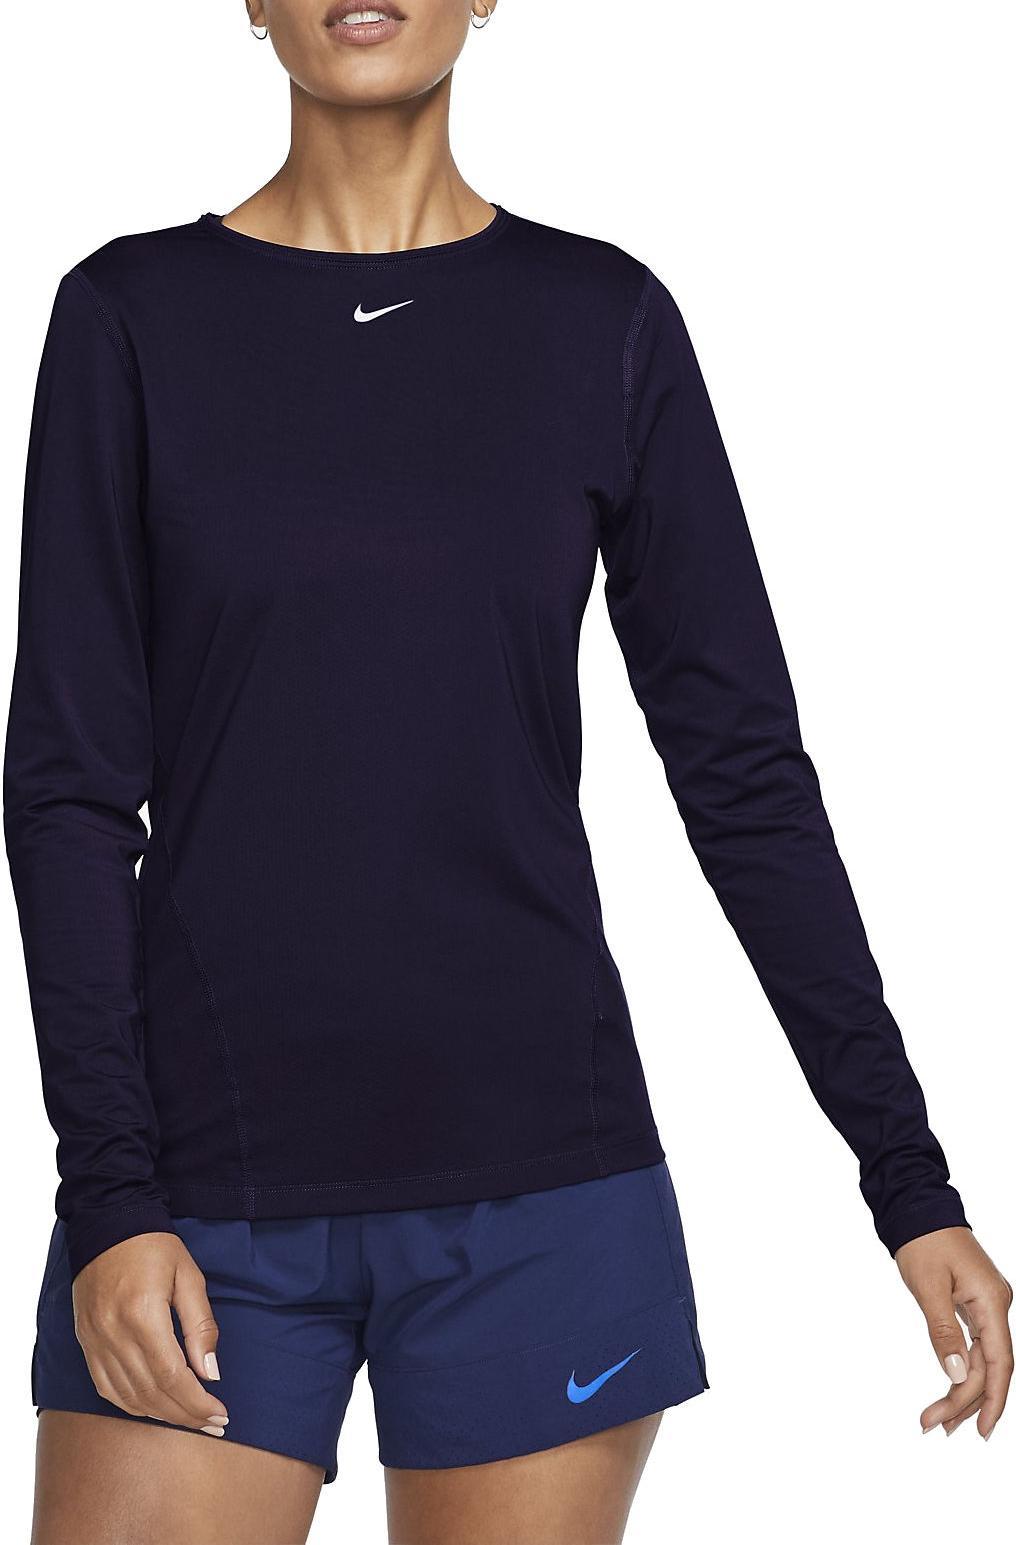 correcto Ligero Hacer la vida  Camiseta de manga larga Nike W NP TOP LS ALL OVER MESH - Top4Fitness.es